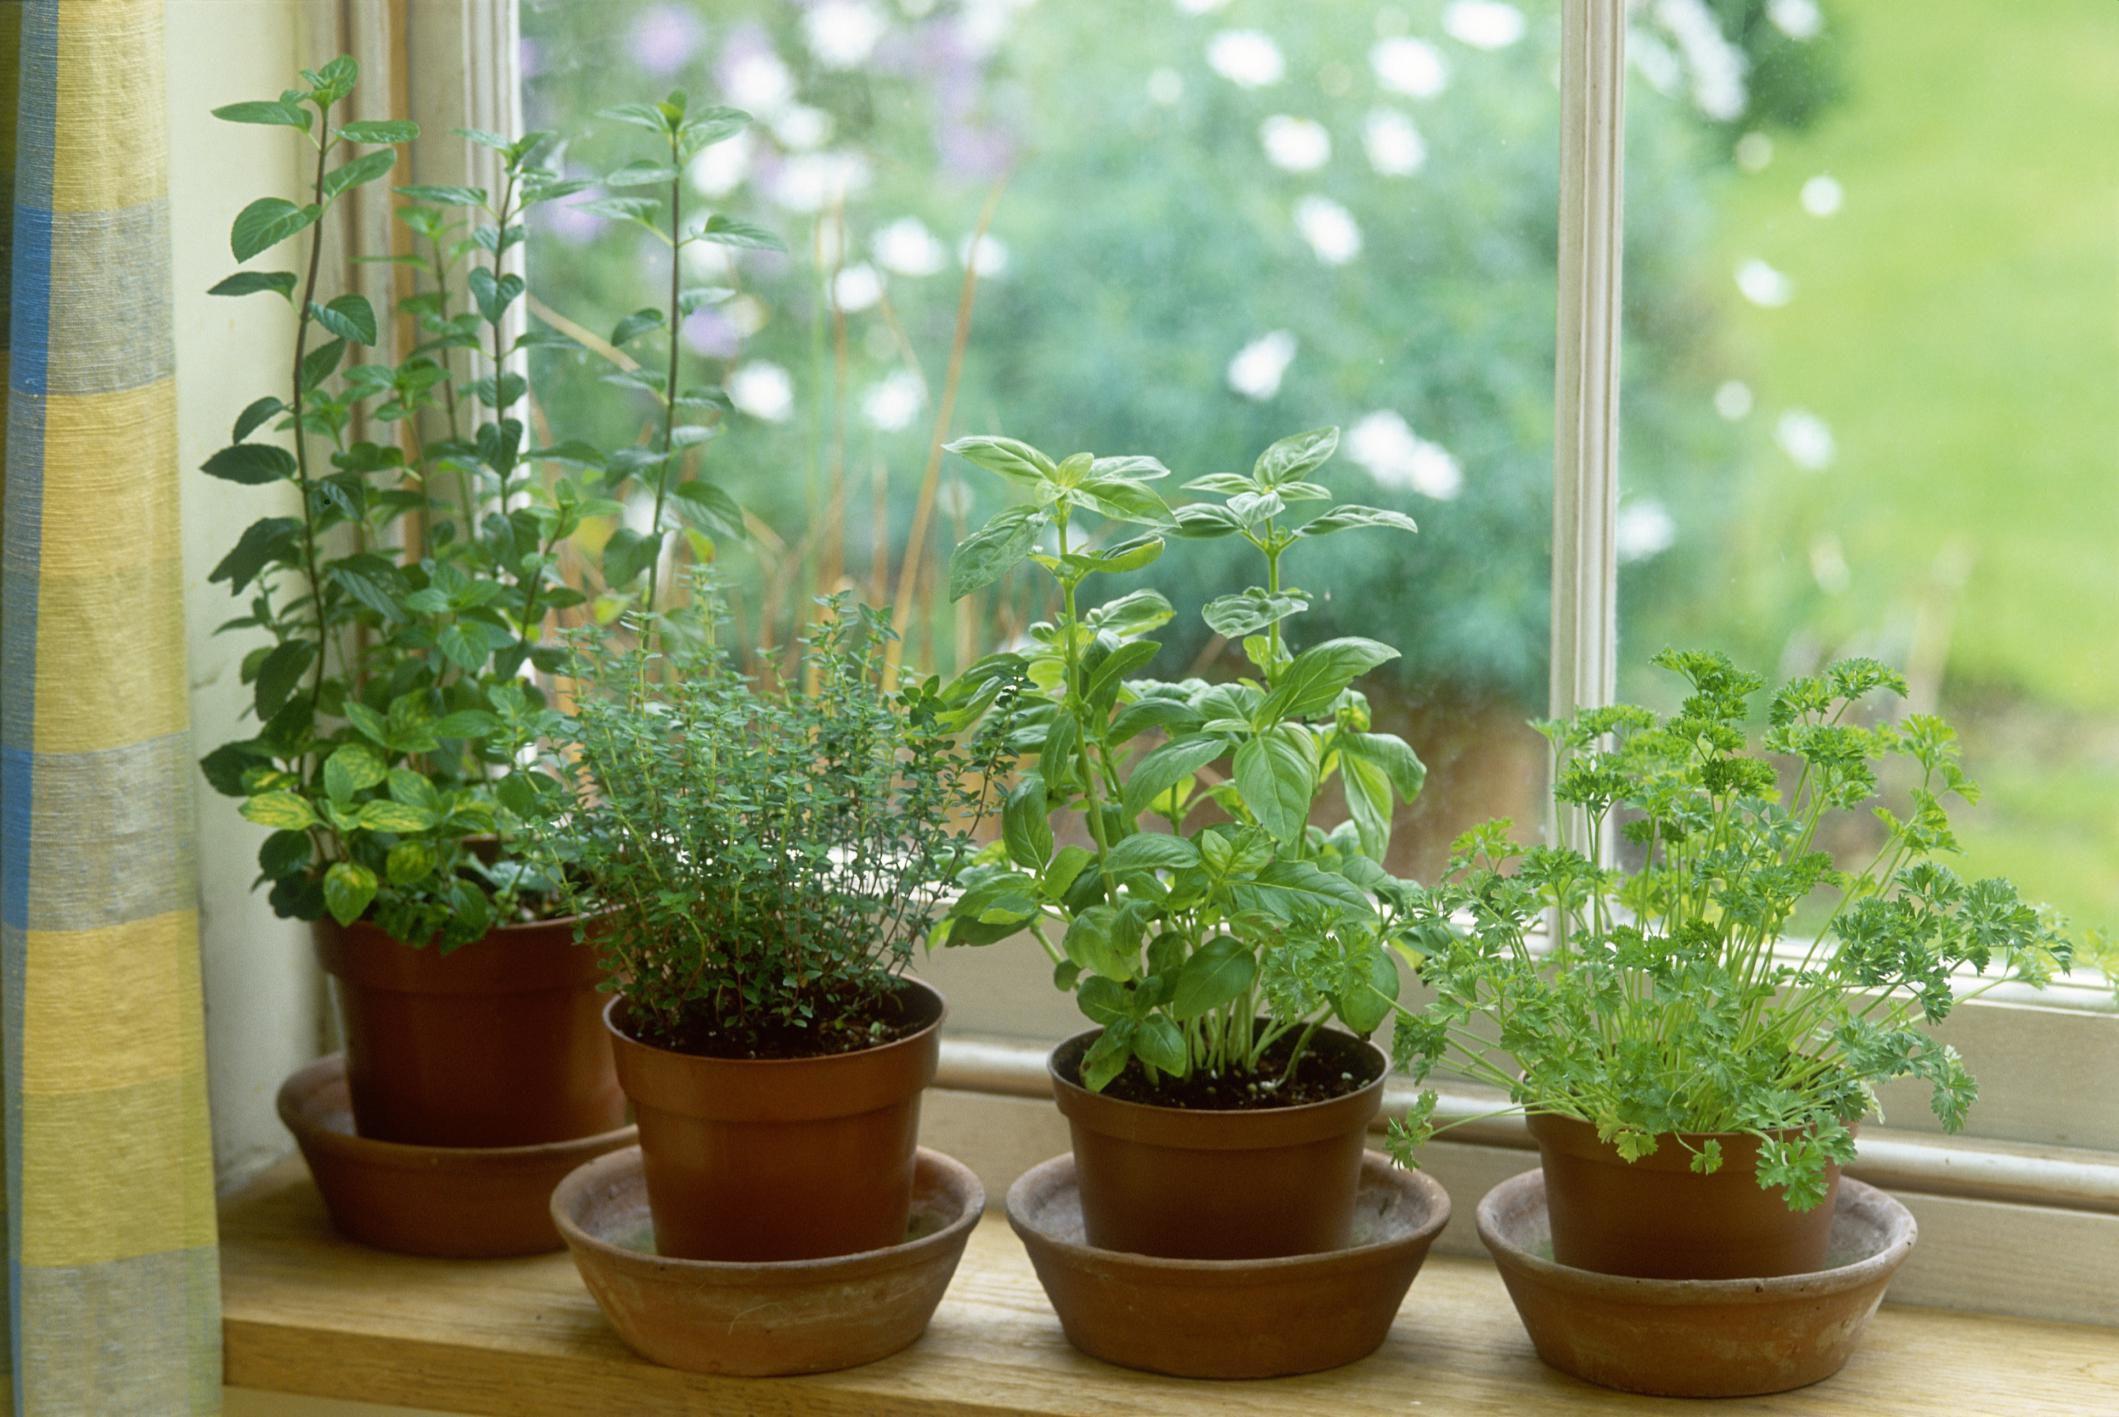 Чабер в домашних условиях: как вырастить травянистое растение на подоконнике